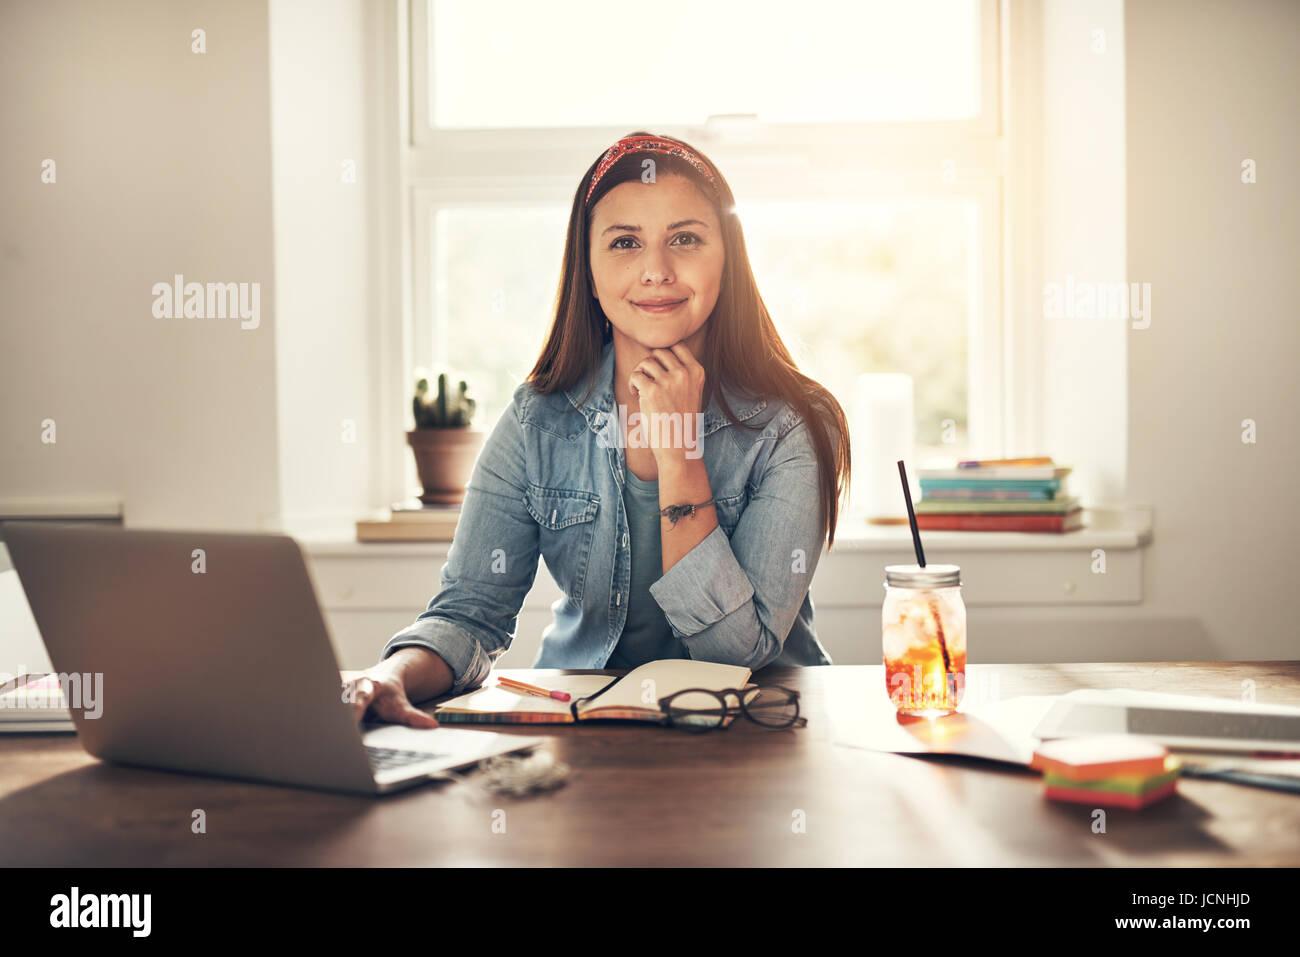 Guapa joven empresaria mirando a la cámara, sentado en el portátil en la oficina y sonriente. Imagen De Stock